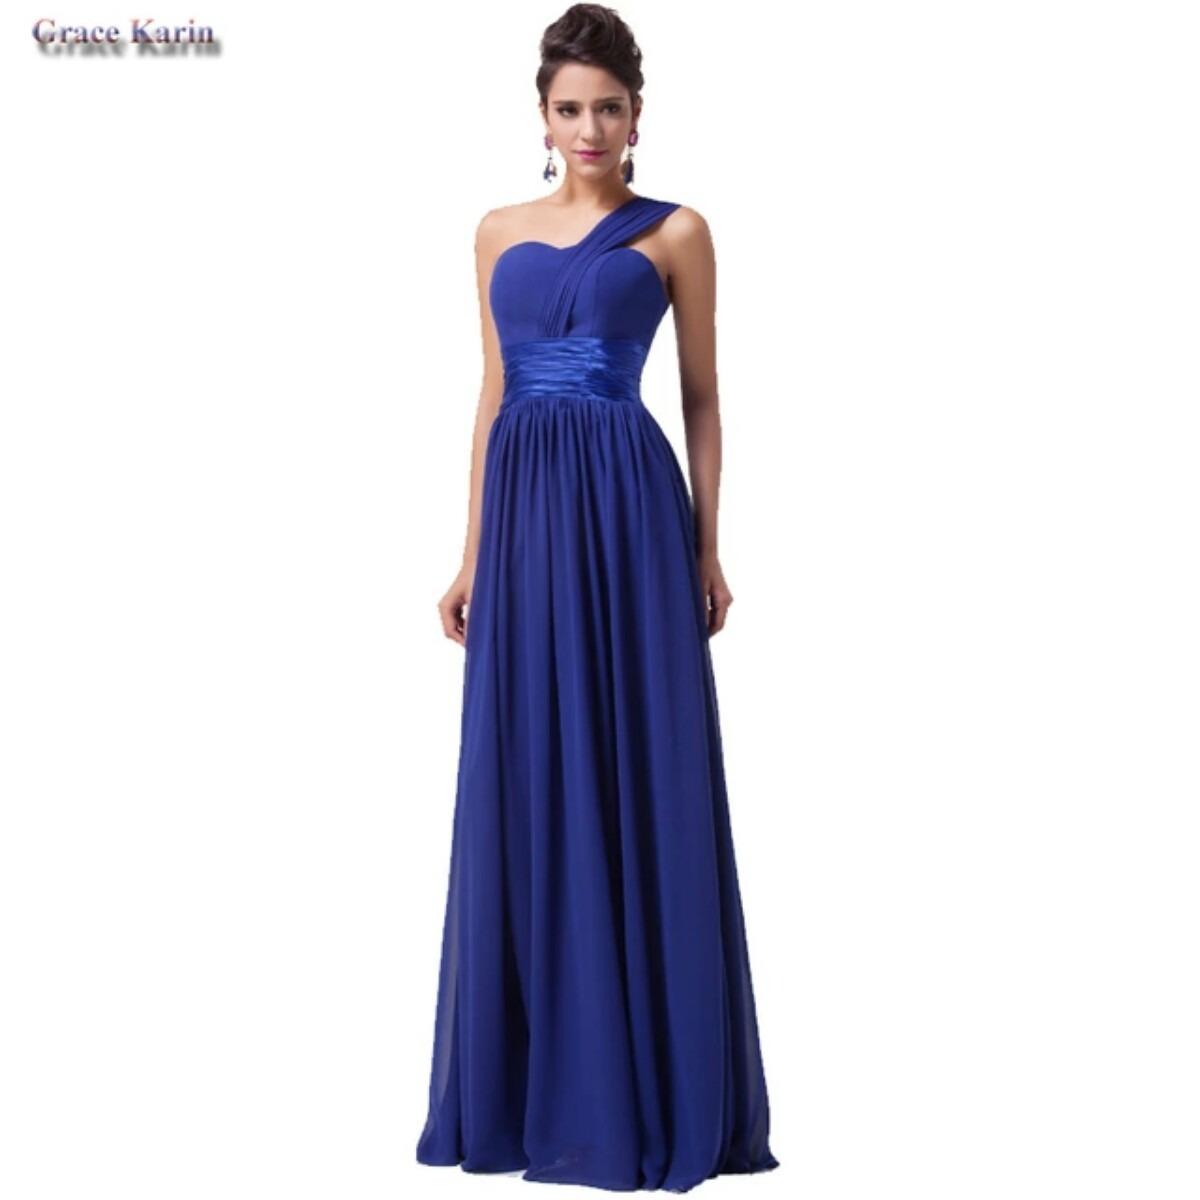 2f4924a11 vestido de festa longo azul importado. Carregando zoom.